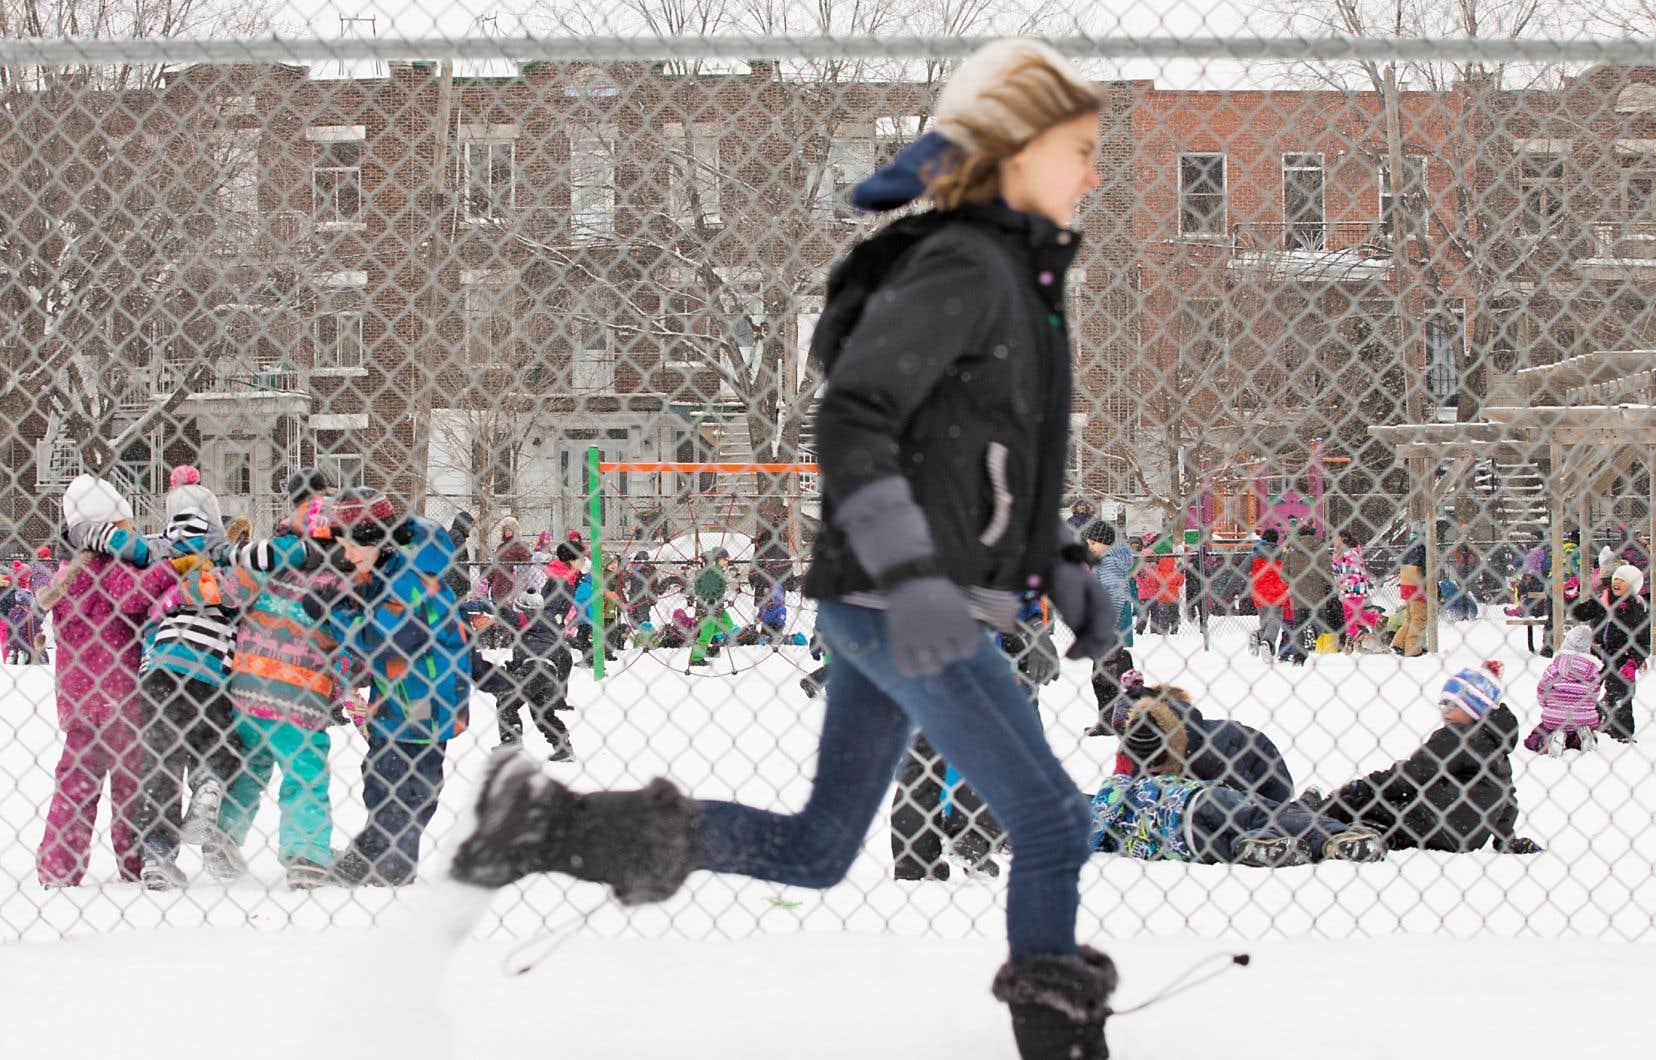 Au moins deux écoles ont annoncé des projets pilotes pour la mise en place de zones d'«activités turbulentes» supervisées dans la cour d'école.